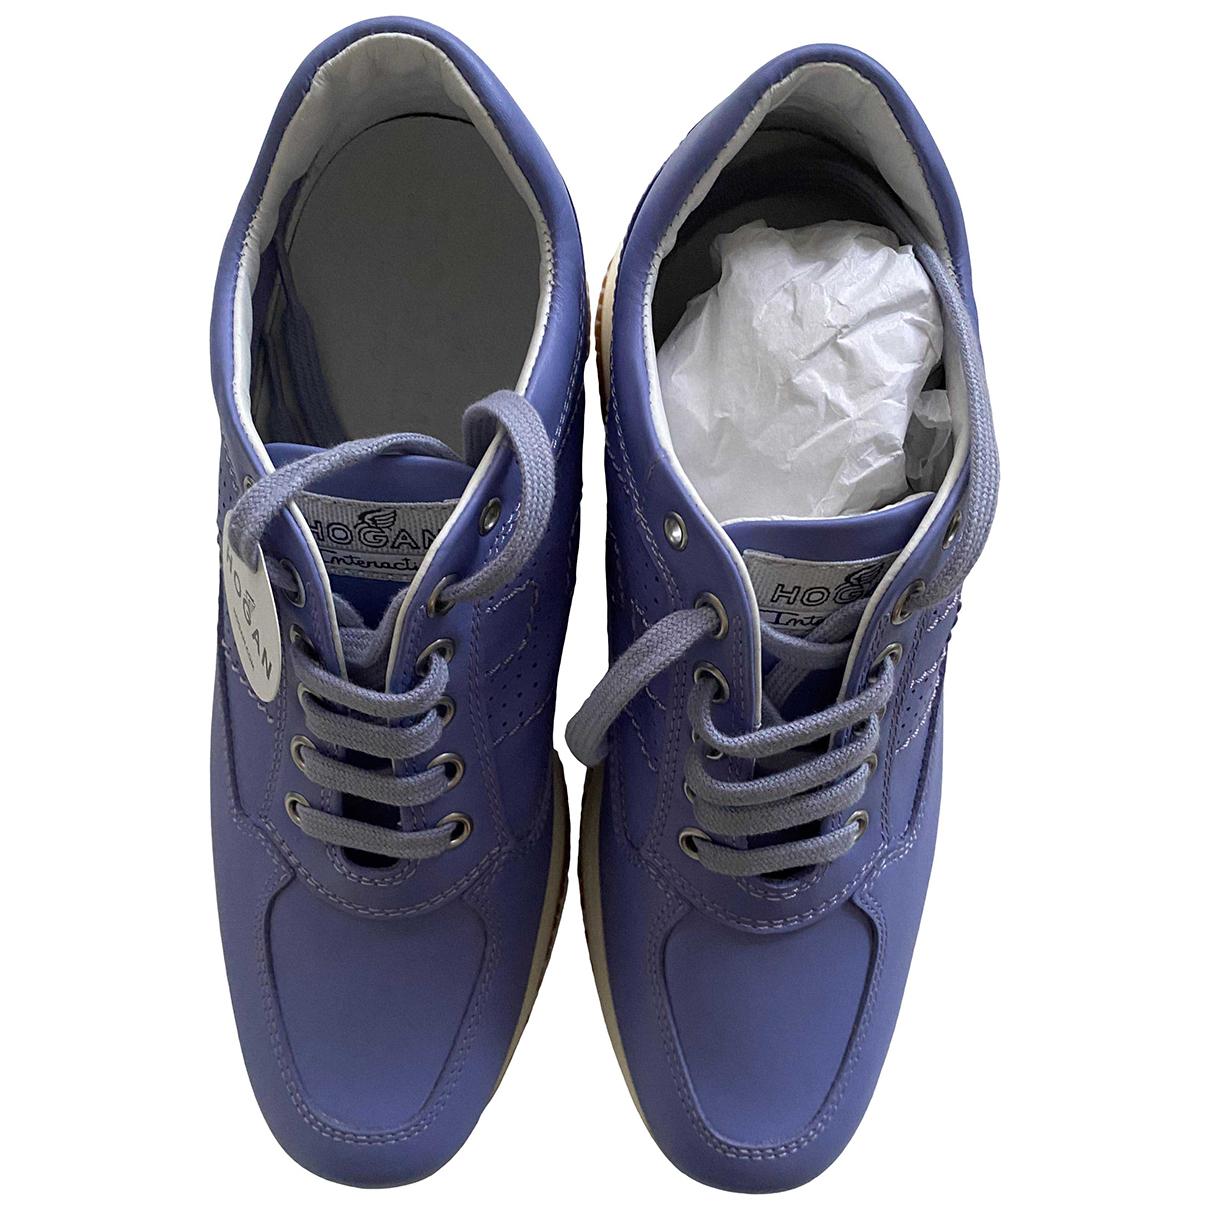 Hogan \N Sneakers in  Lila Leder